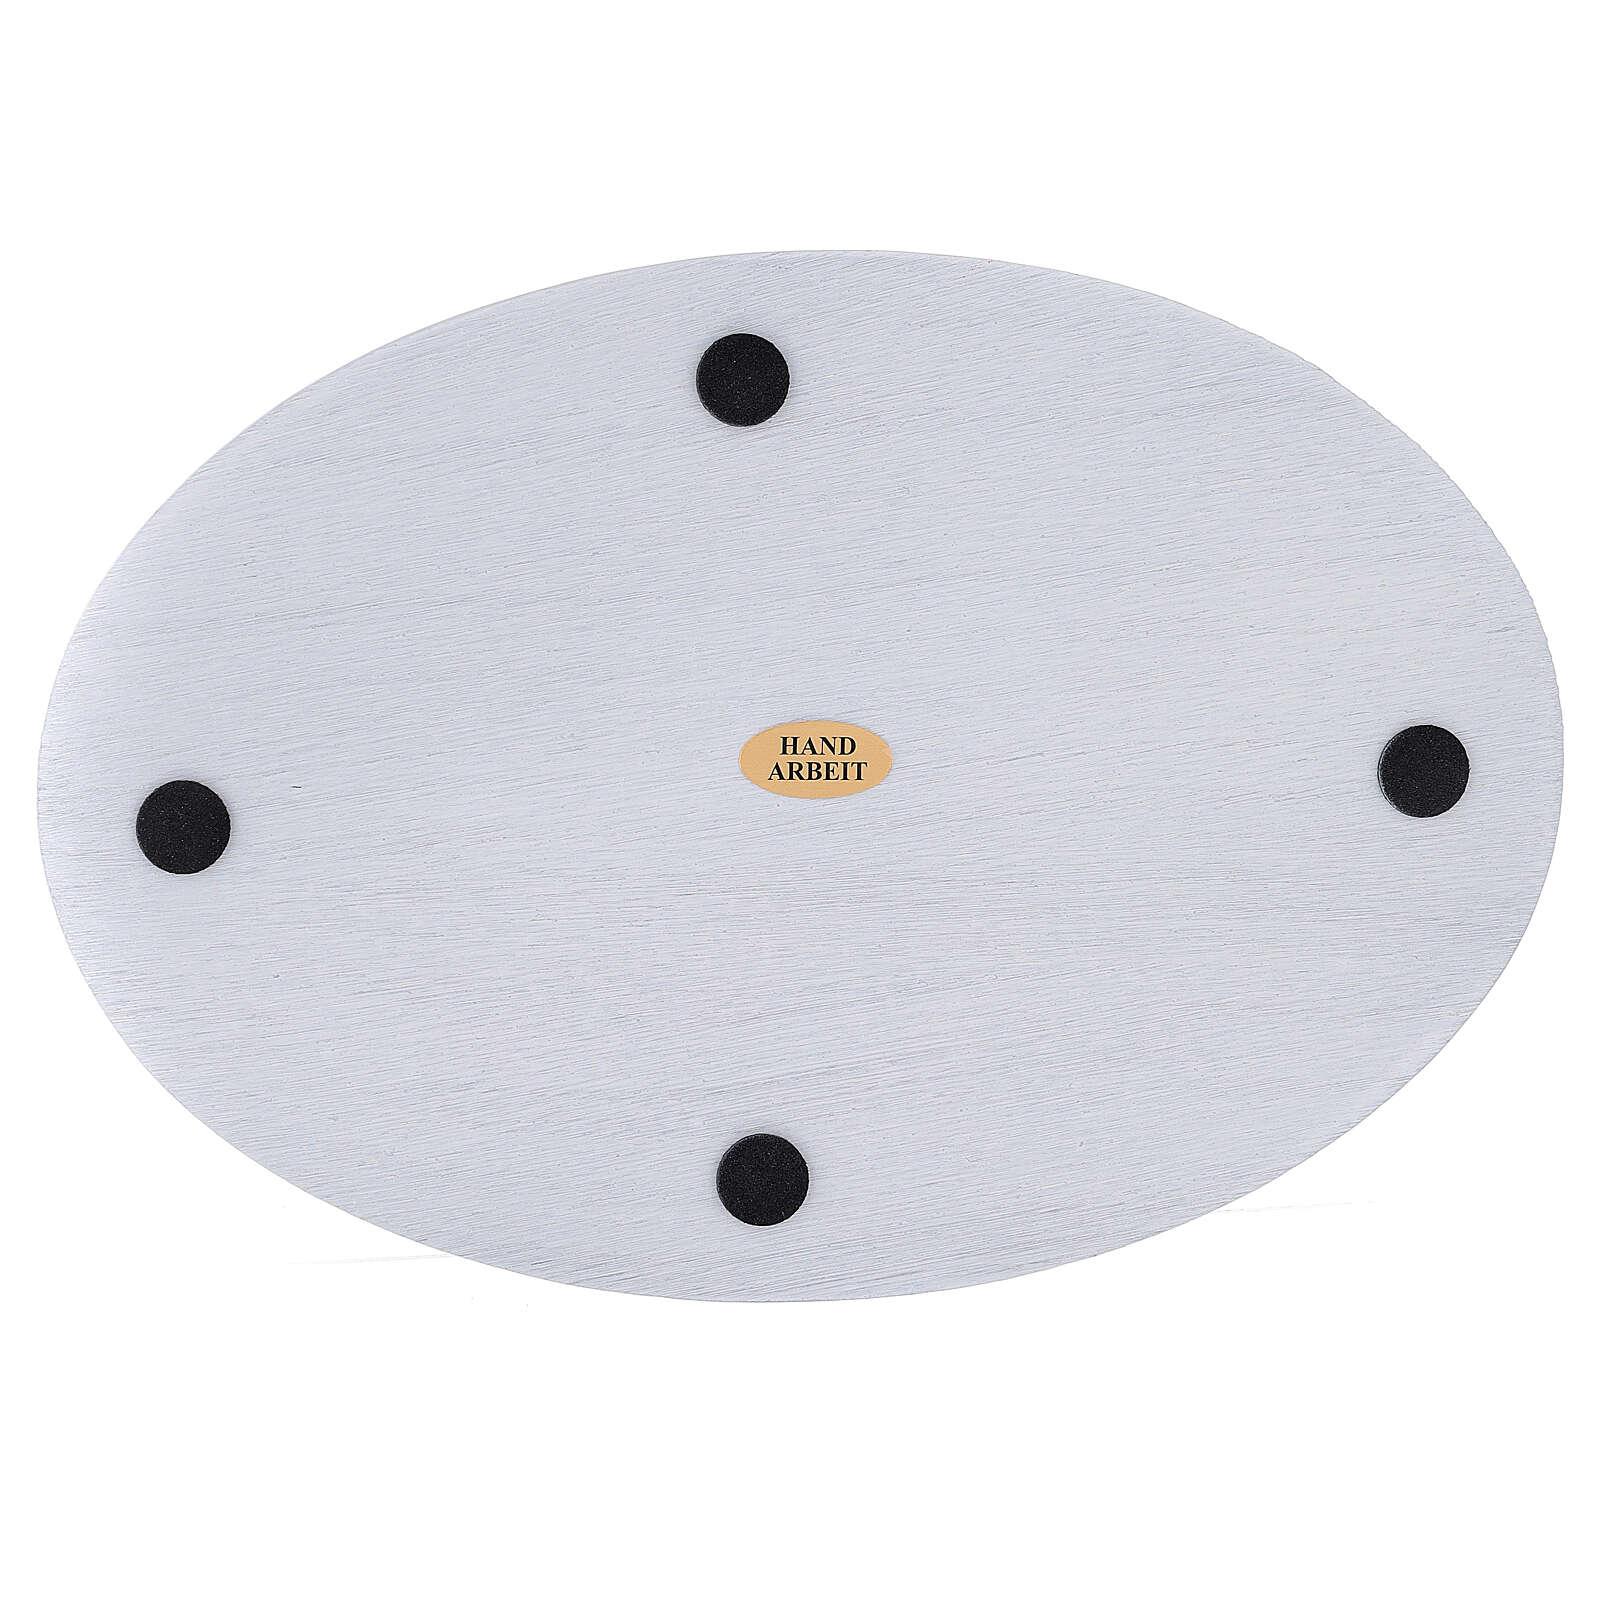 Piatto portacero alluminio bianco ovale 20,5x14 cm 3